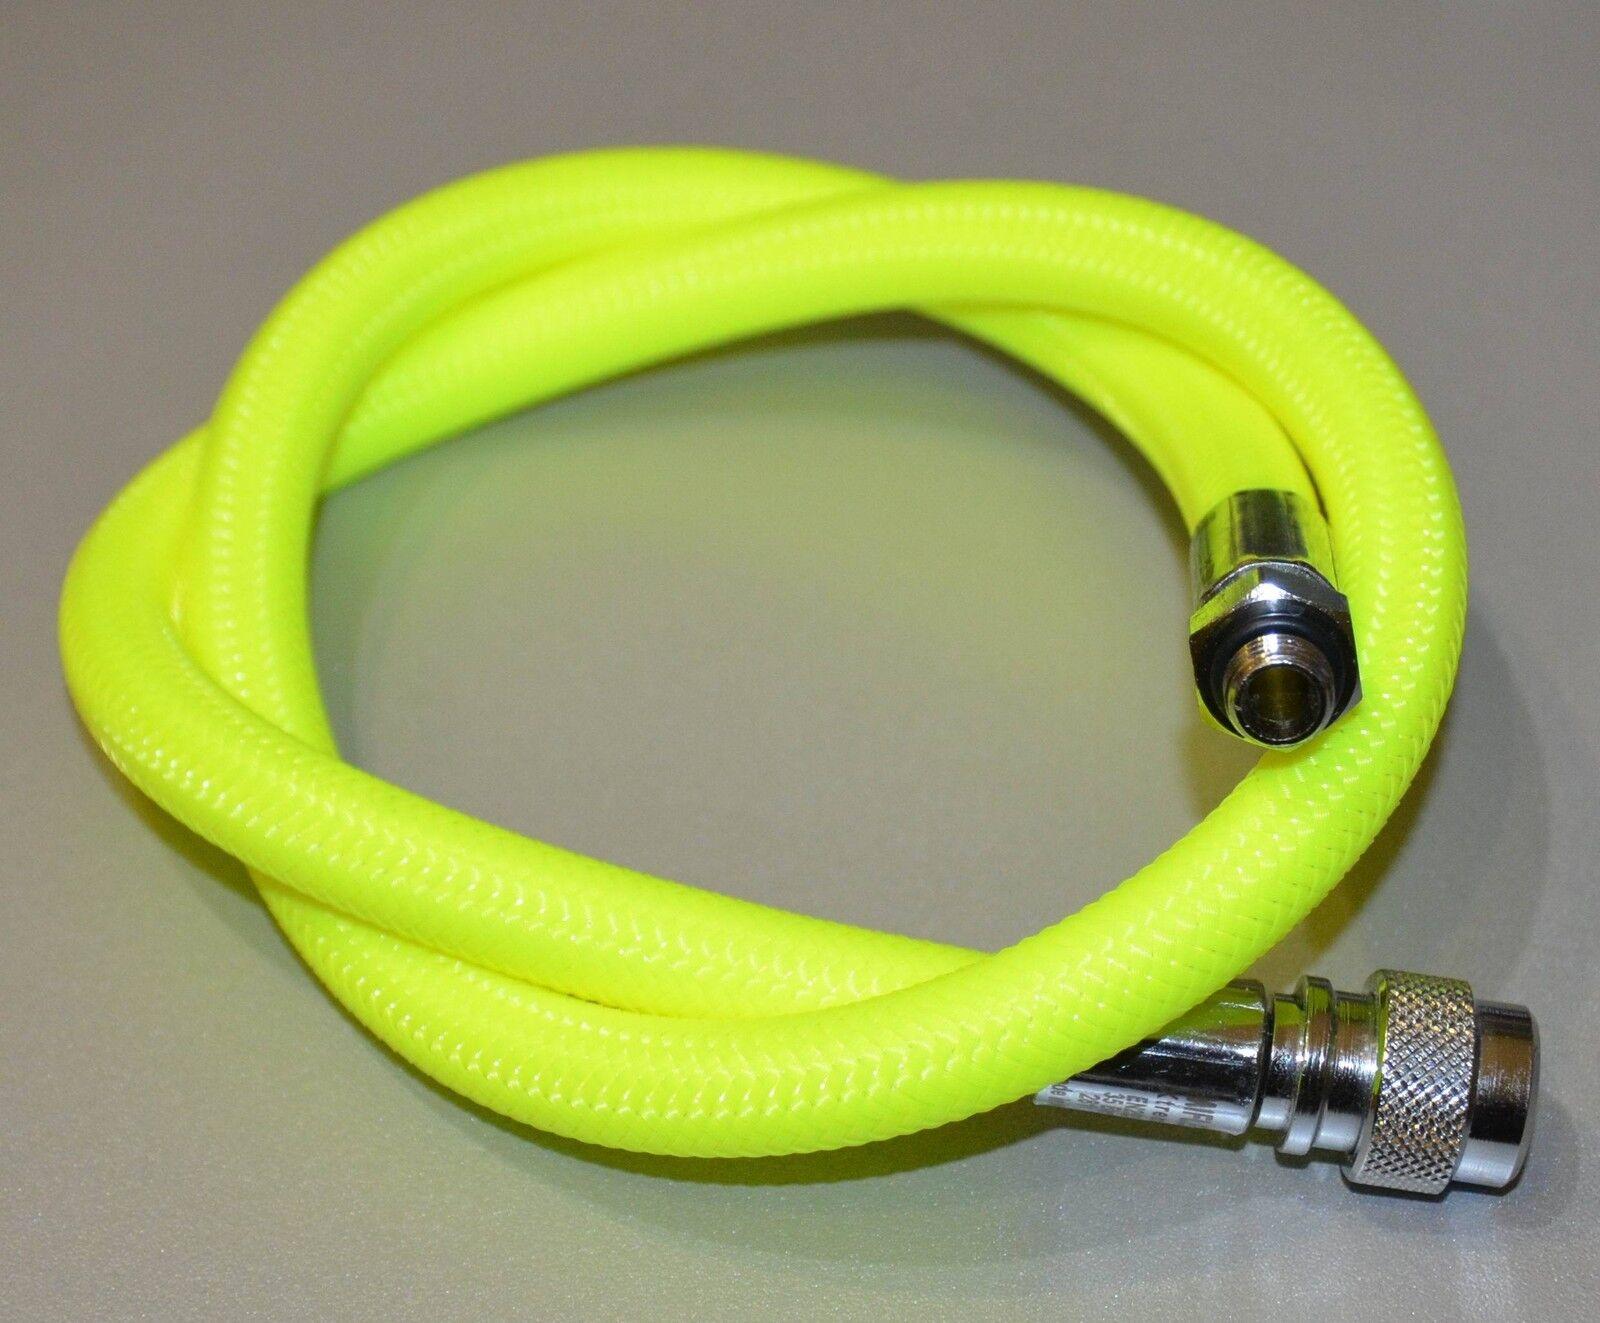 MIflex Inflator-Schlauch 90 cm gelb - Robust, leicht, flexibel flexibel flexibel  das Original 776f60